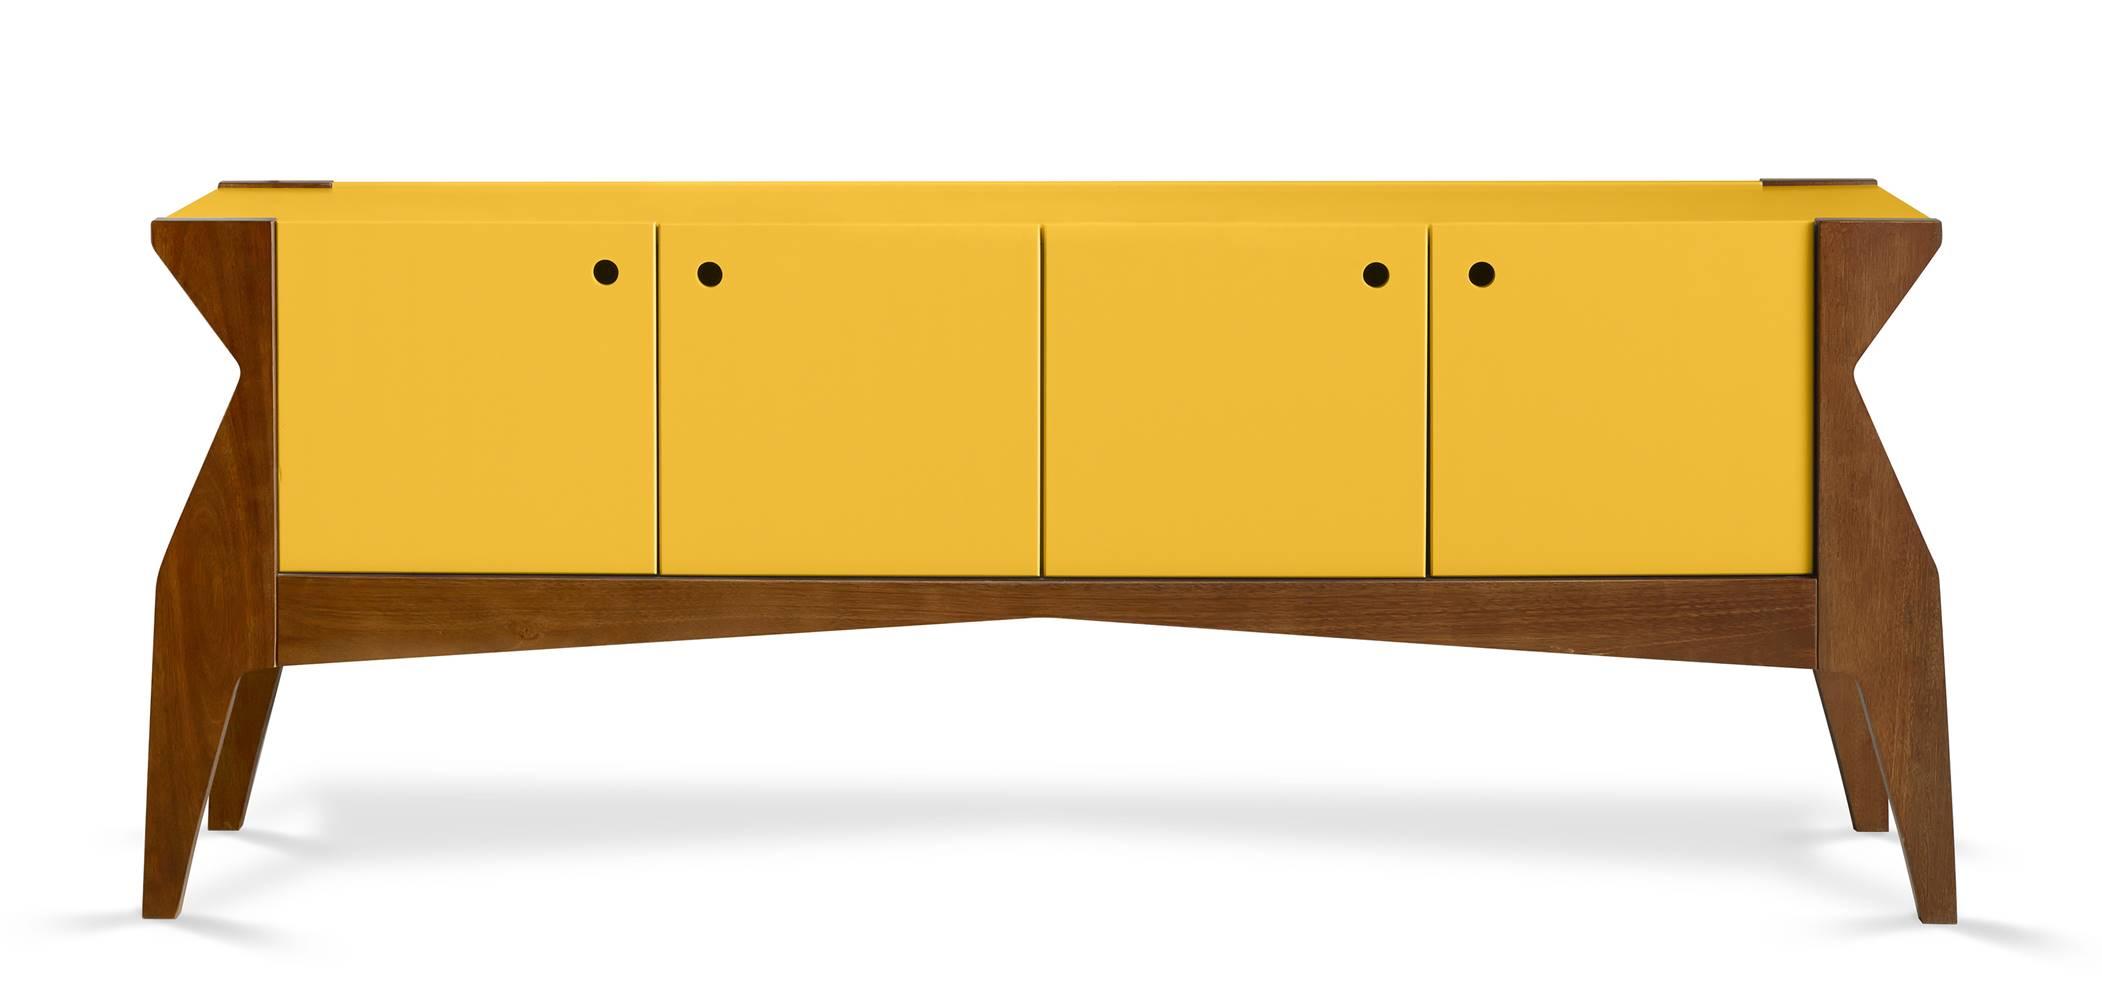 Buffet Brasa 4 Portas Cor Cacau Com Amarelo - 29361